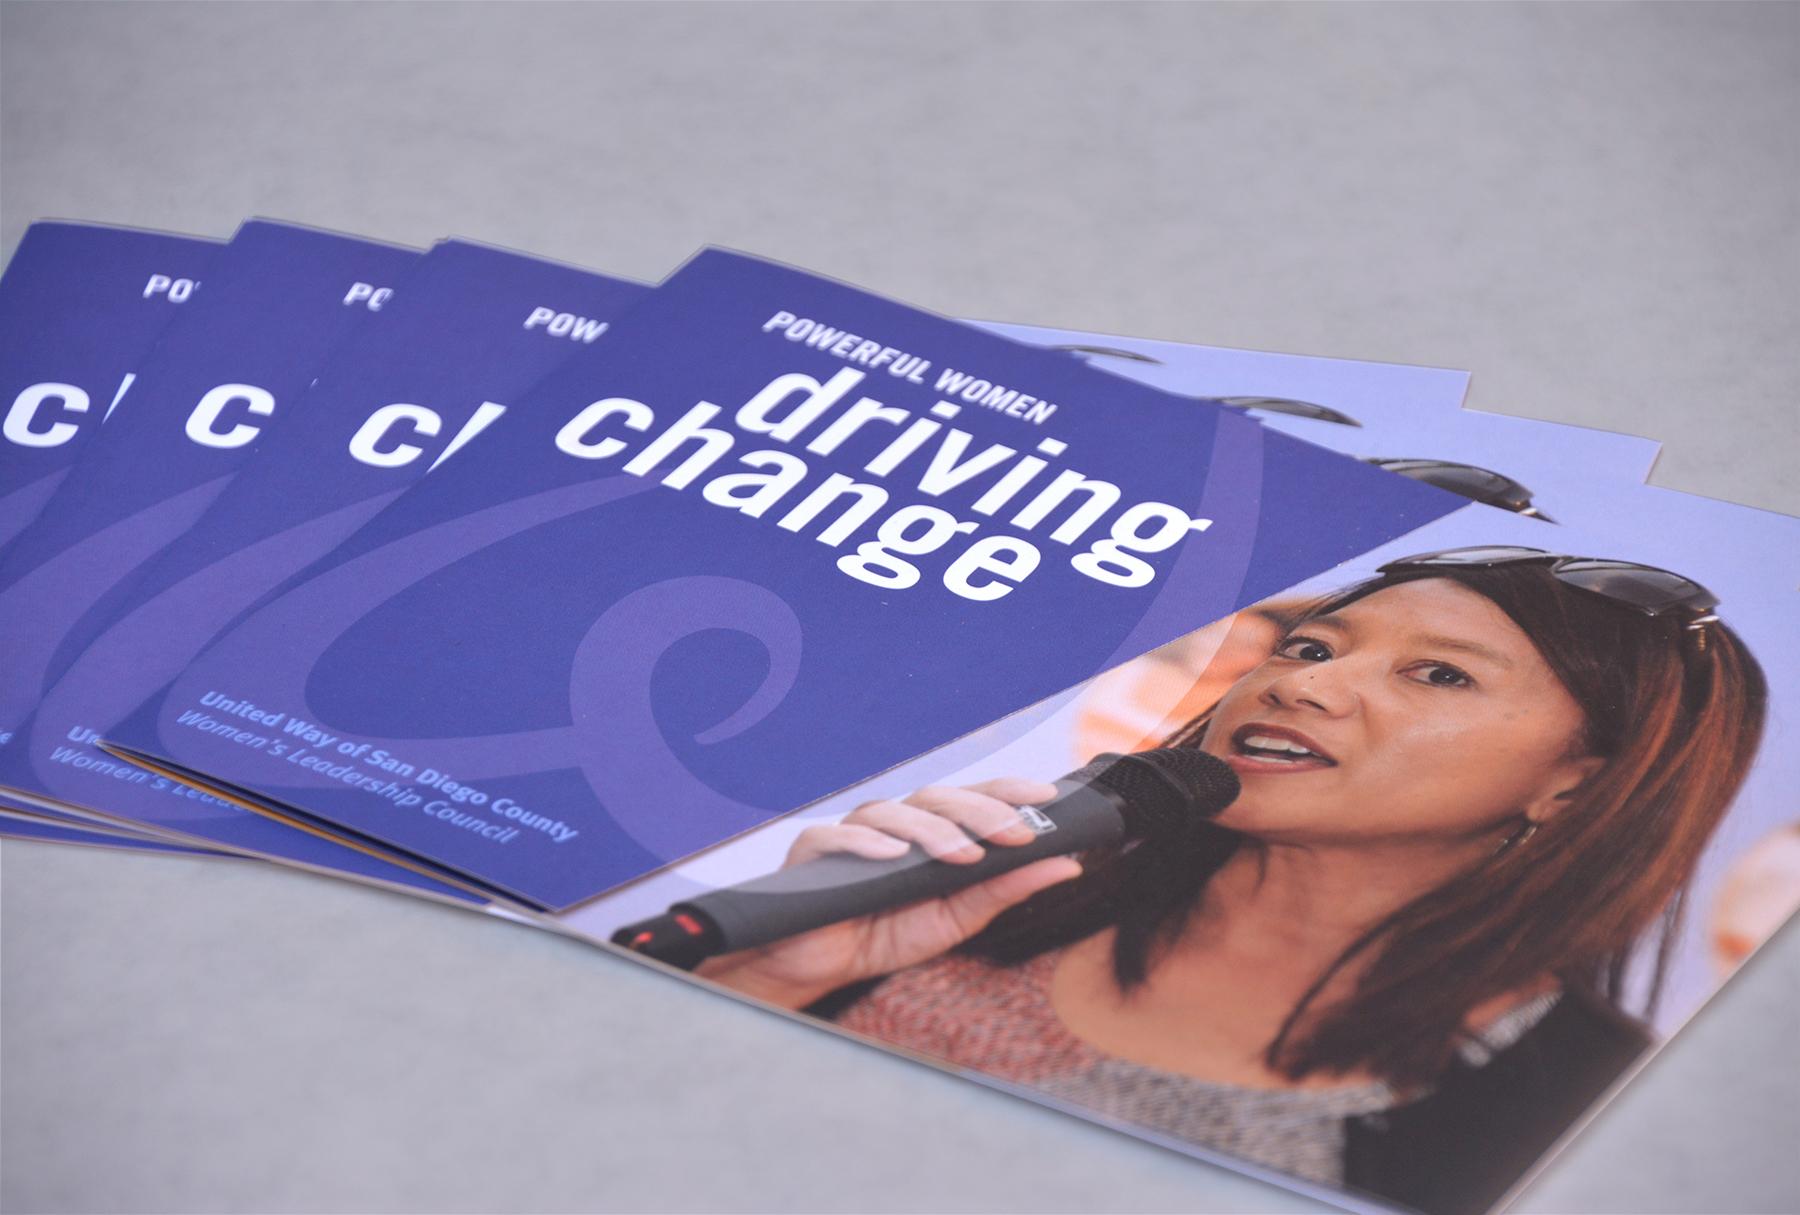 WLC-brochure3.jpg